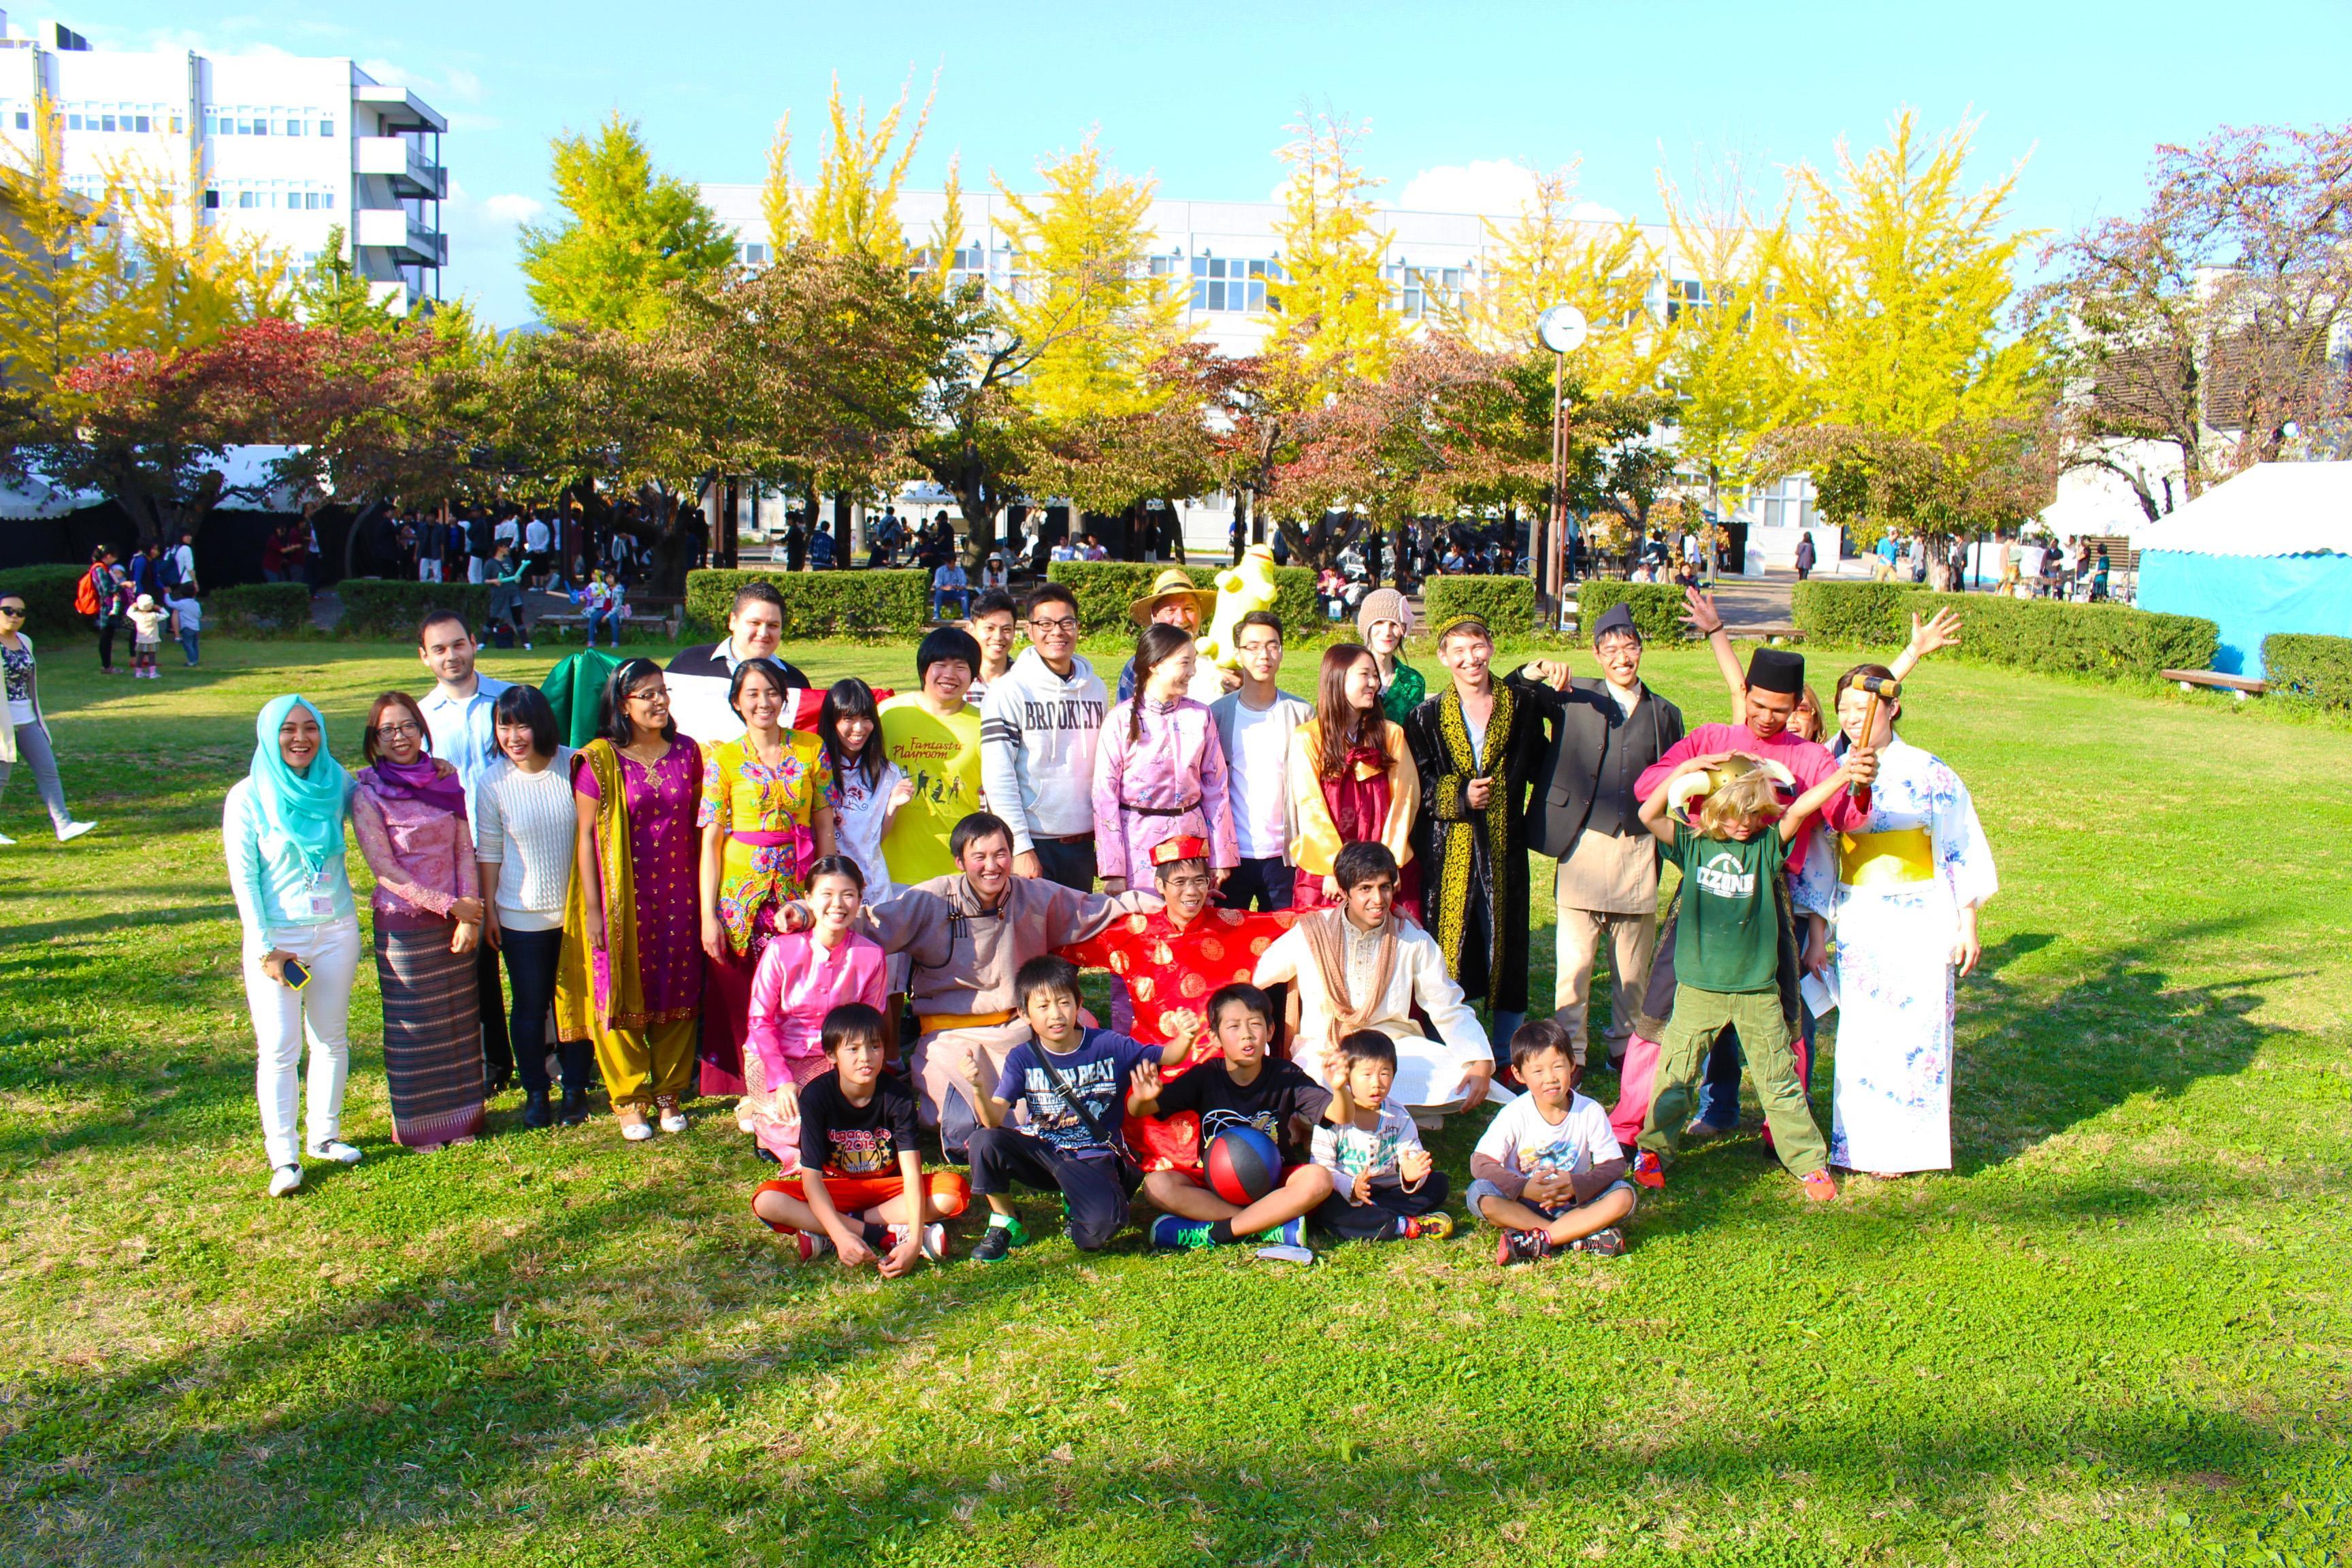 http://www.shinshu-u.ac.jp/faculty/engineering/international_2017/images/20140920_1.jpg